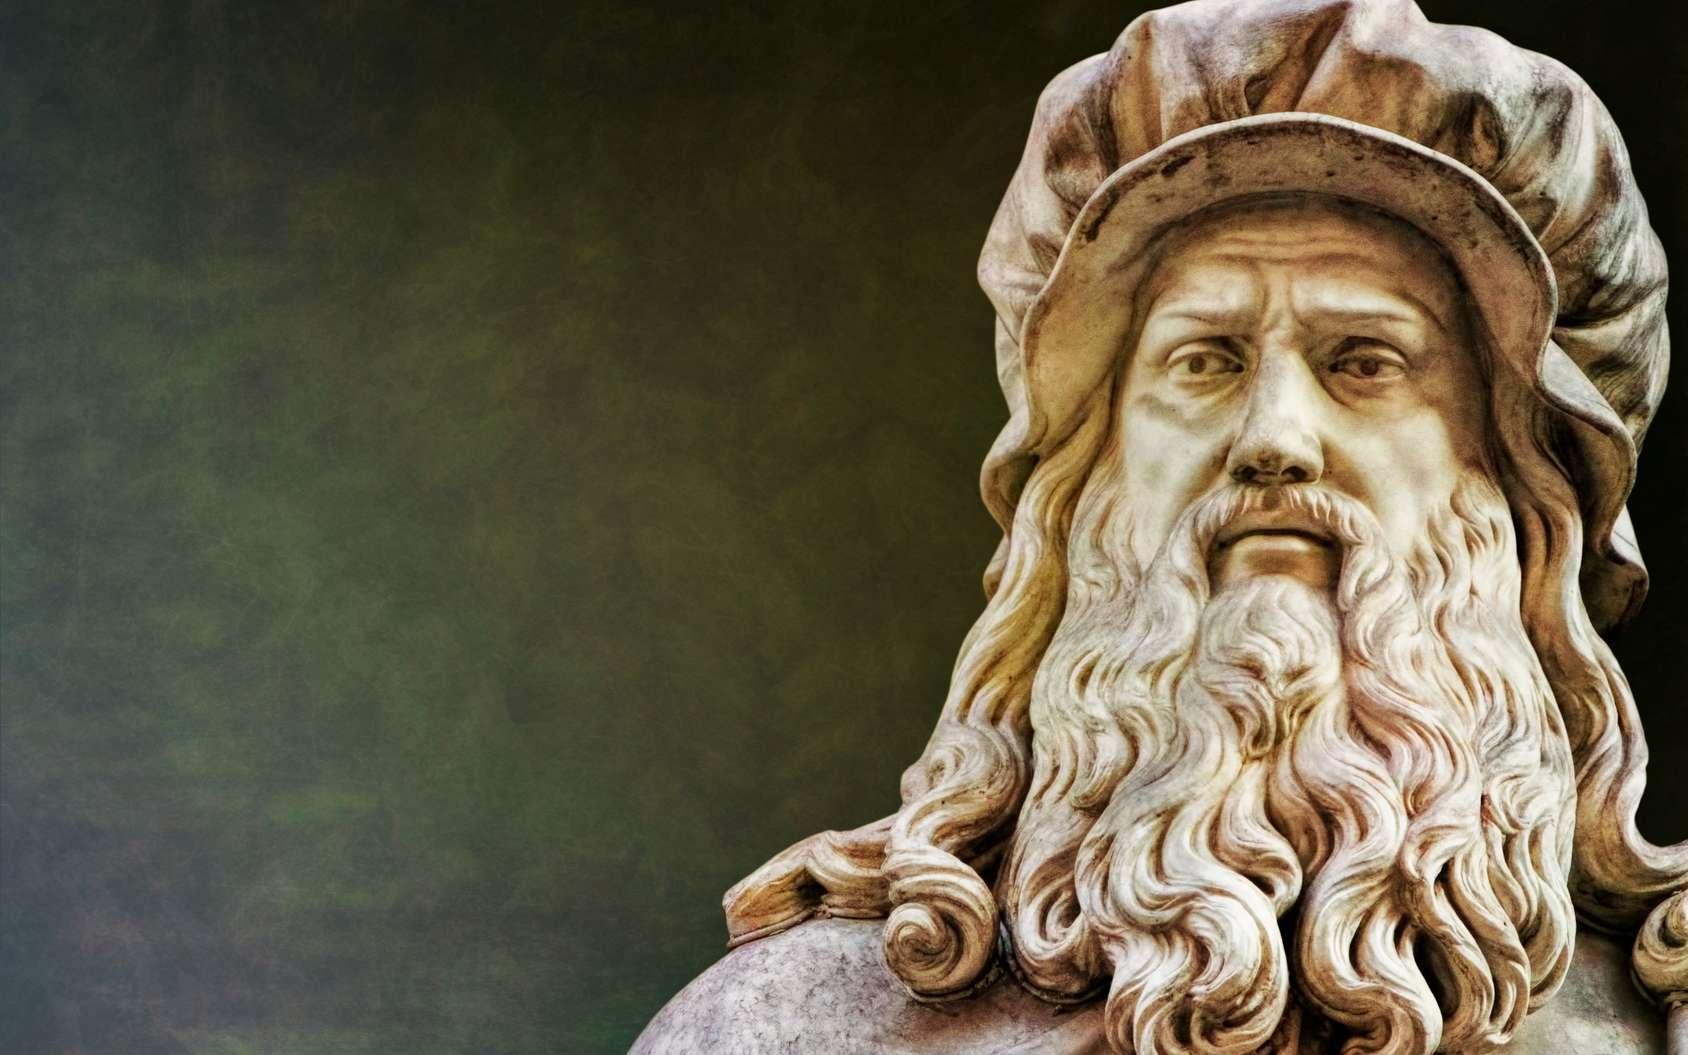 Sculpture de Léonard de Vinci à Florence. © ArTo, fotolia